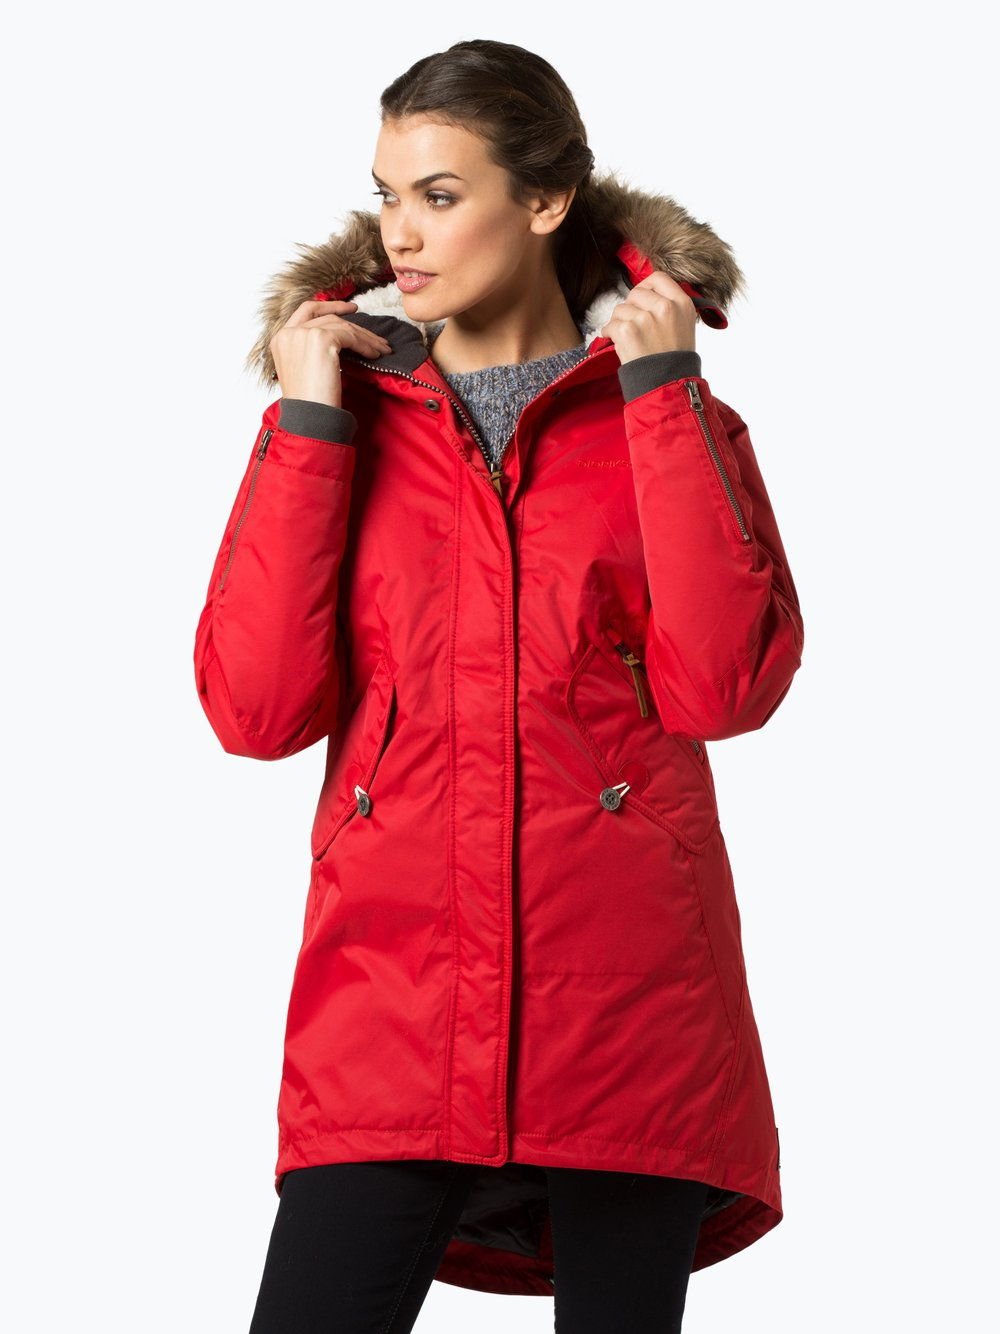 Didriksons – Damski płaszcz funkcyjny – Lindsey, czerwony Van Graaf 411947-0002